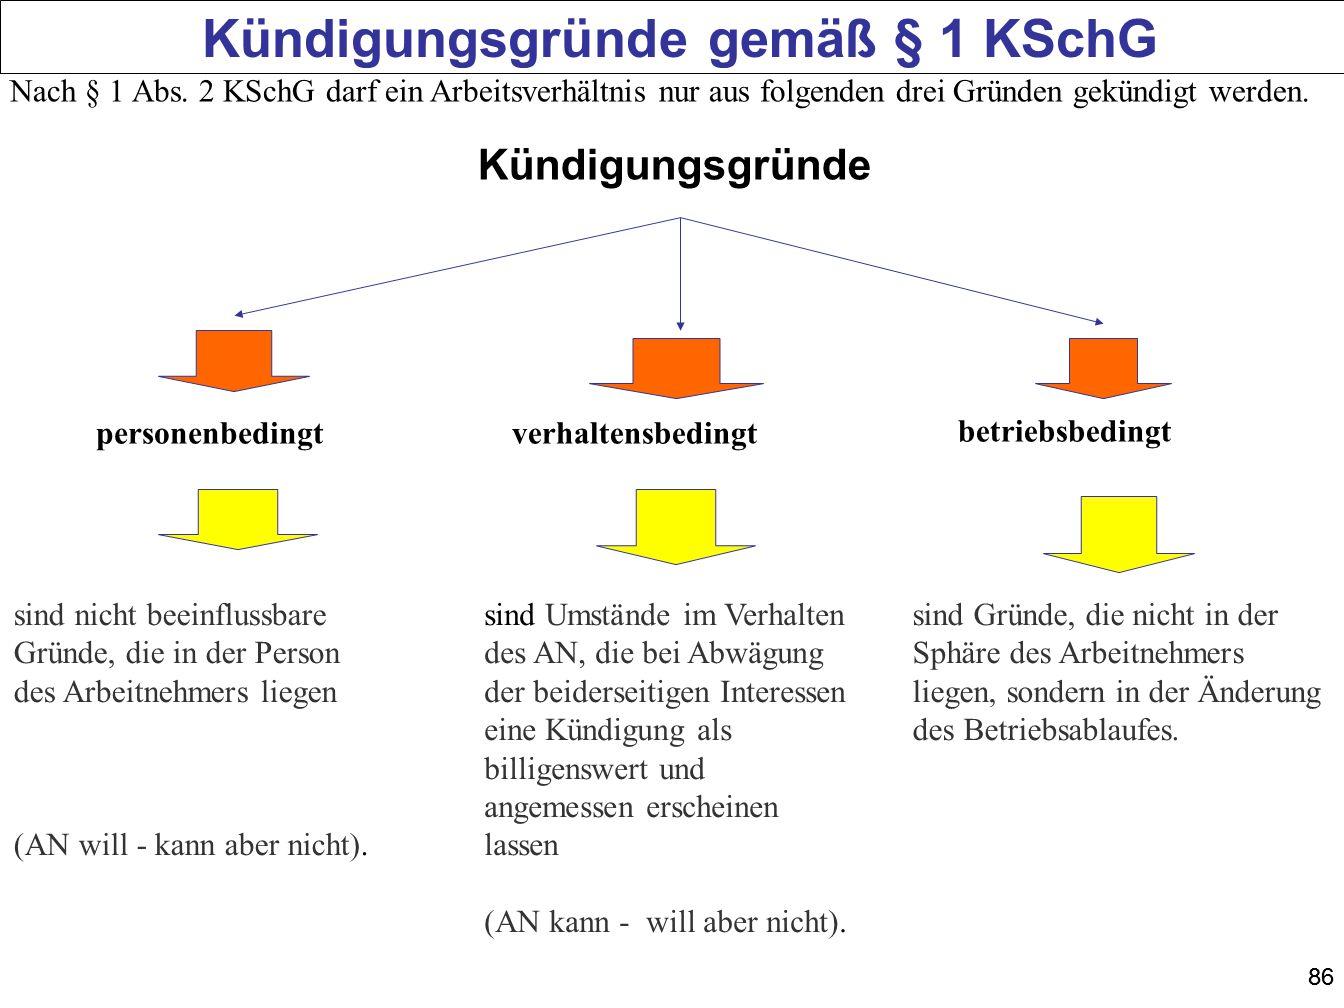 Kündigungsgründe gemäß § 1 KSchG